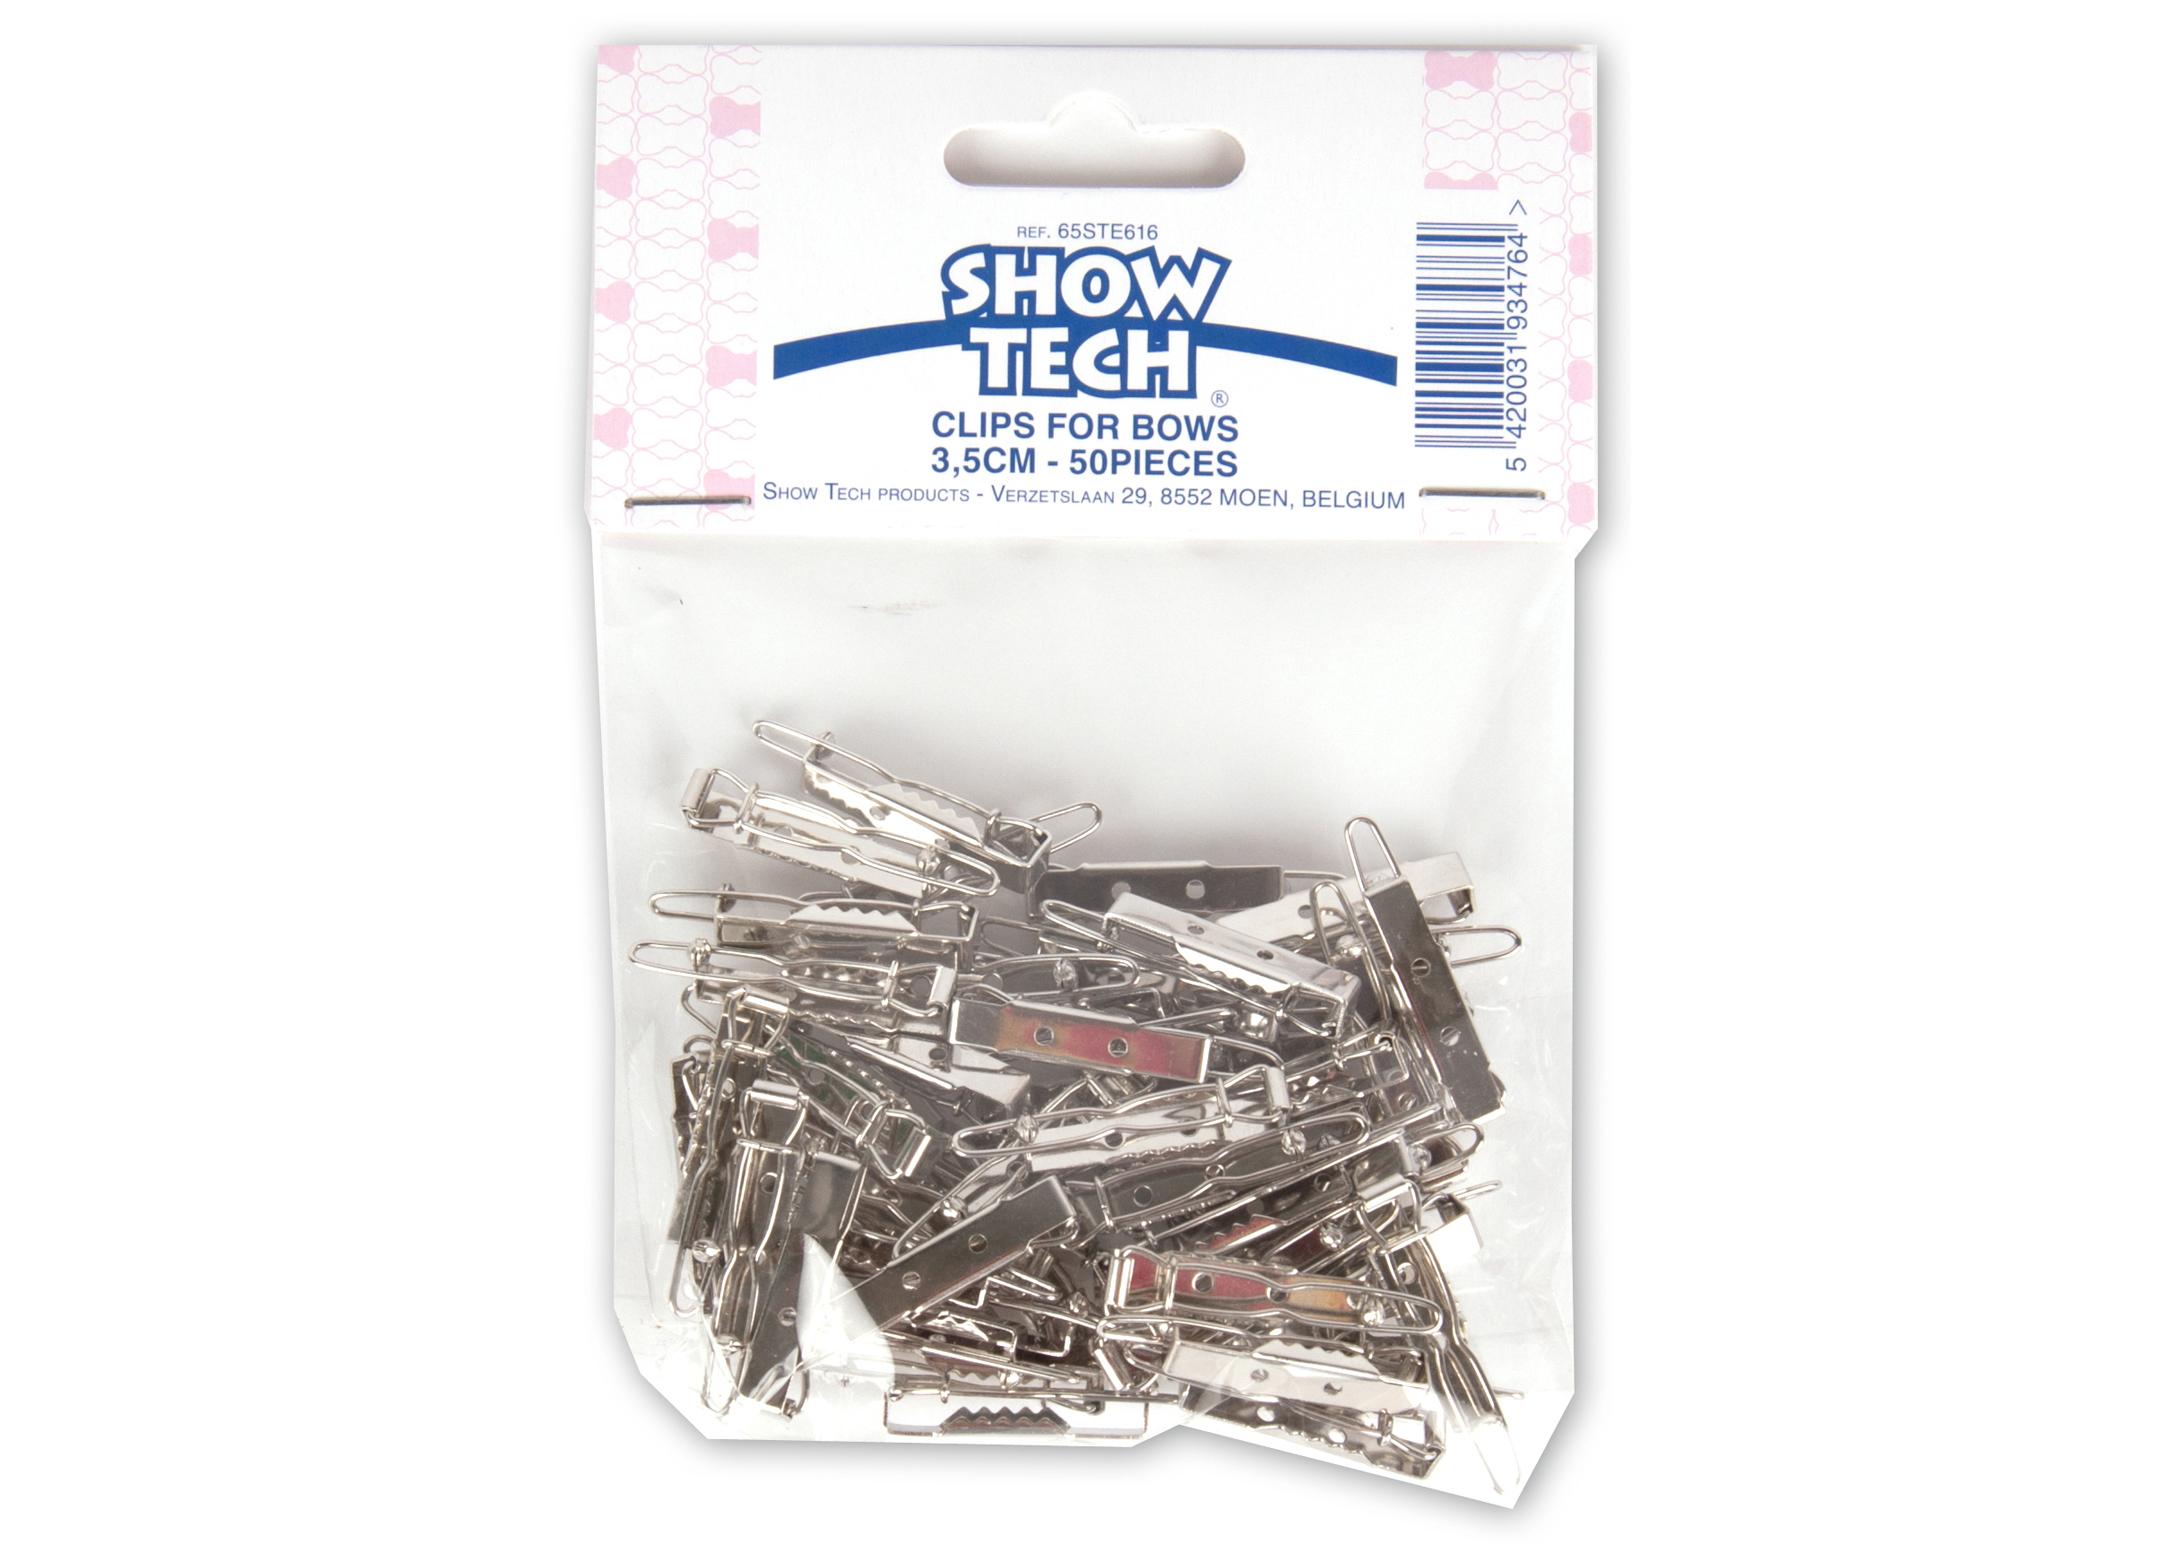 Show Tech Clips for Bows 3,5cm 50 pcs